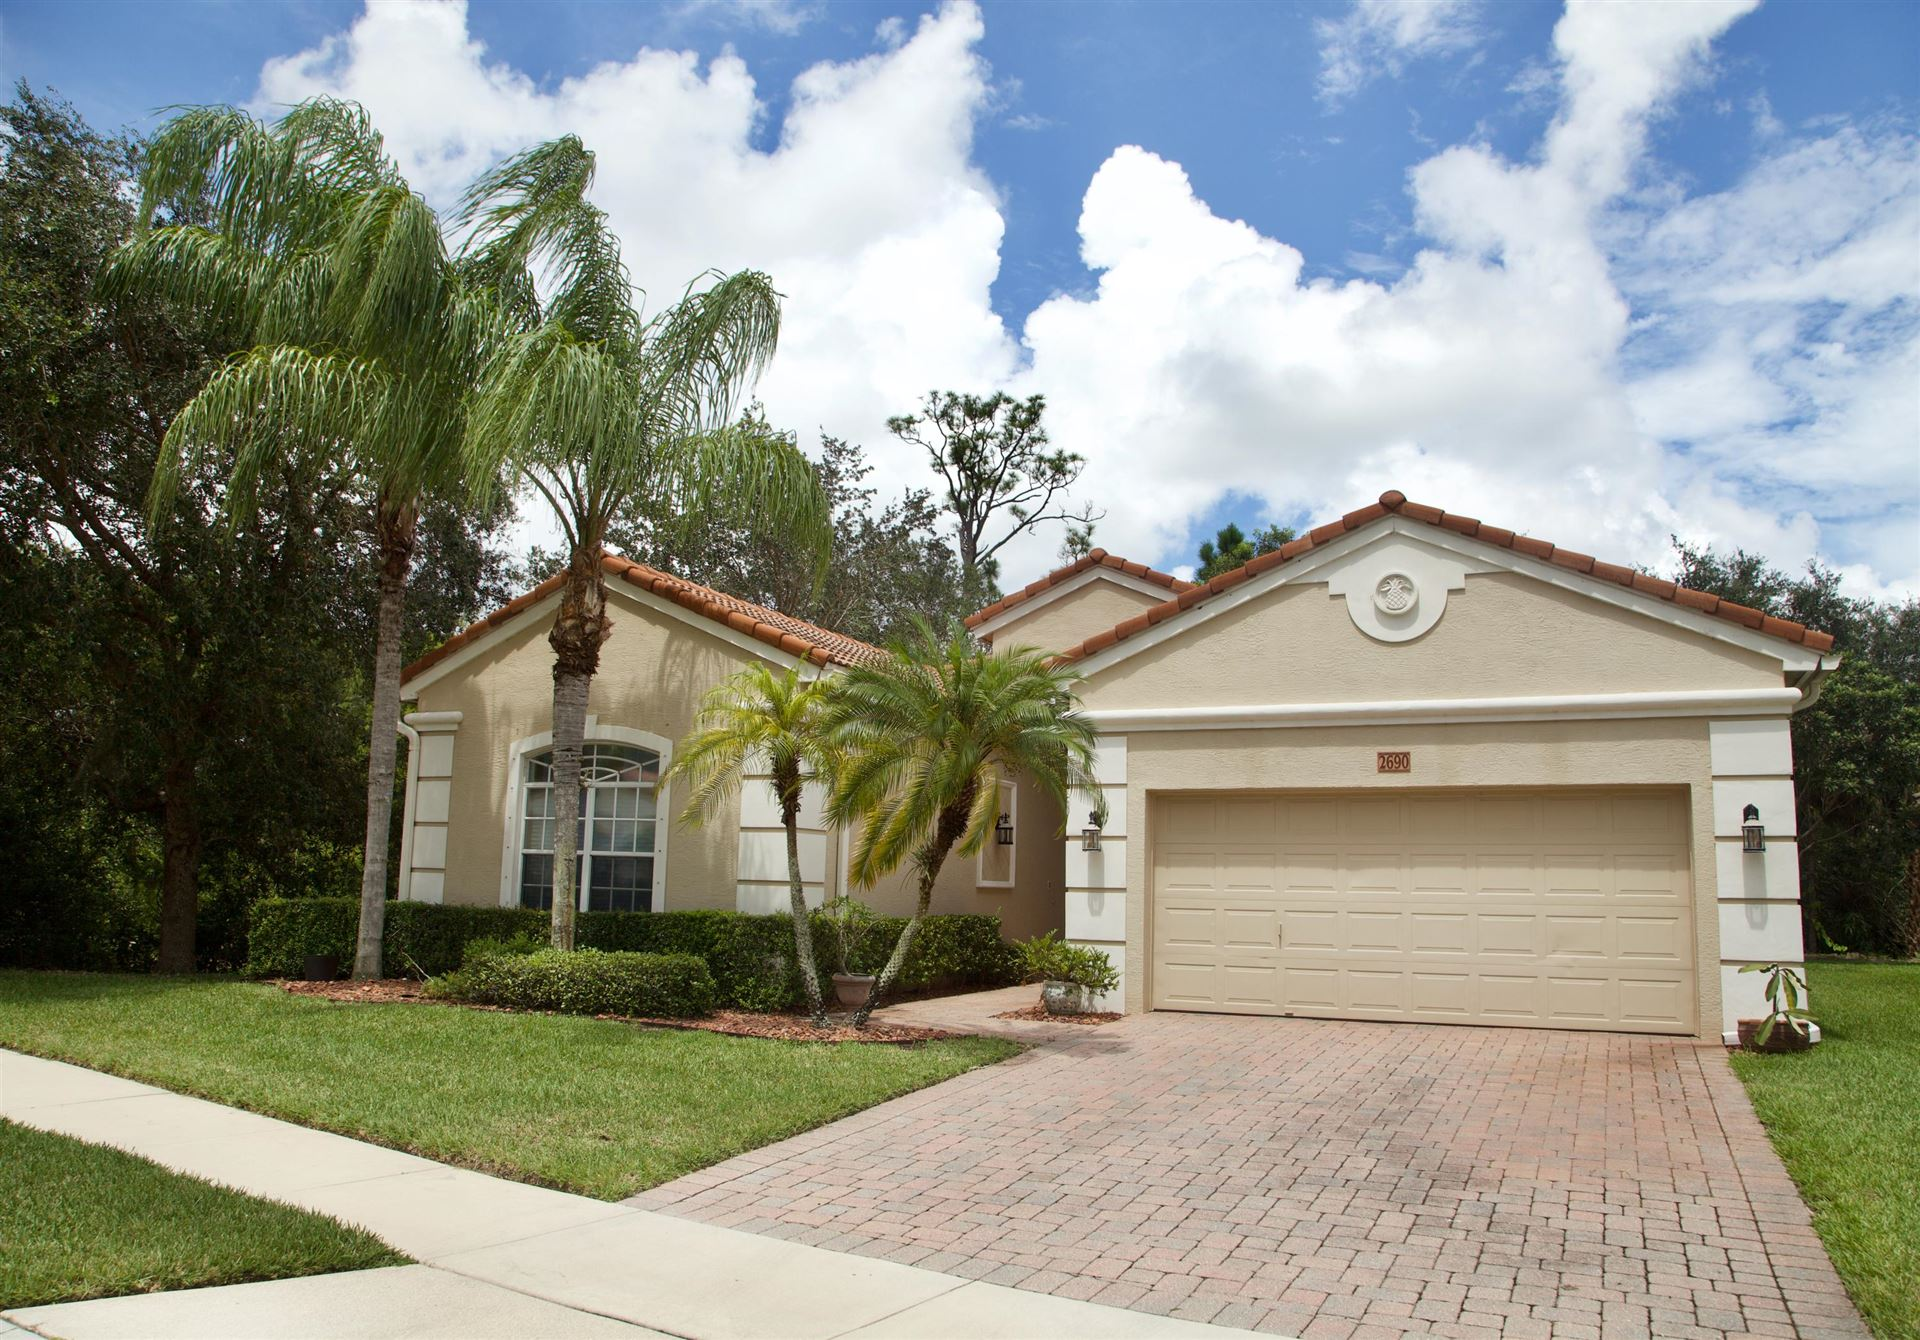 2690 Paw Paw Cay, West Palm Beach, FL 33411 - #: RX-10649475